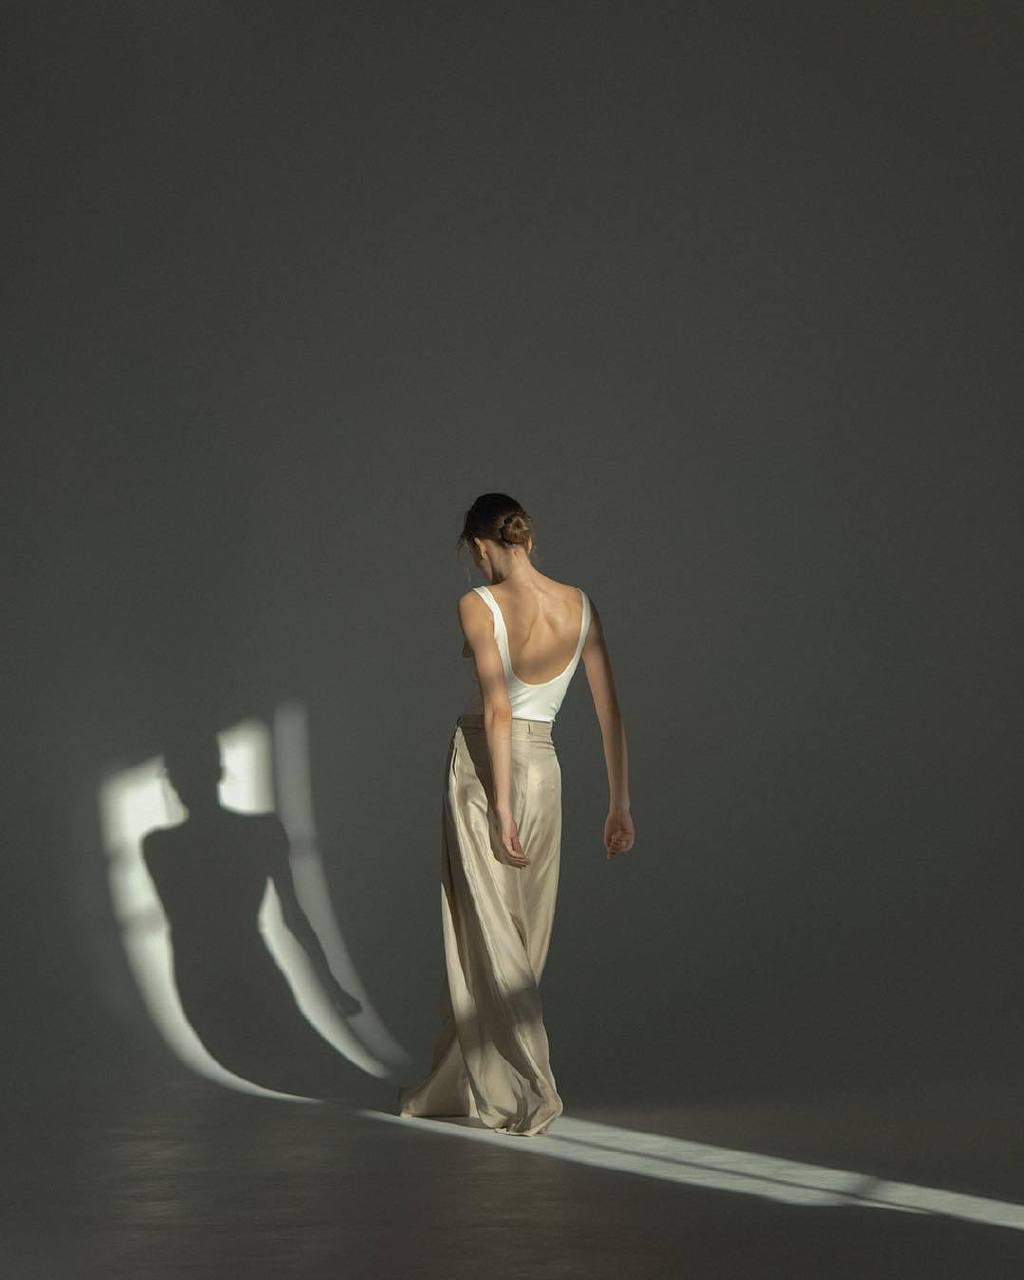 俄罗斯摄影师Anastasia Lisitsyna的人像摄影作品 时尚图库 第6张